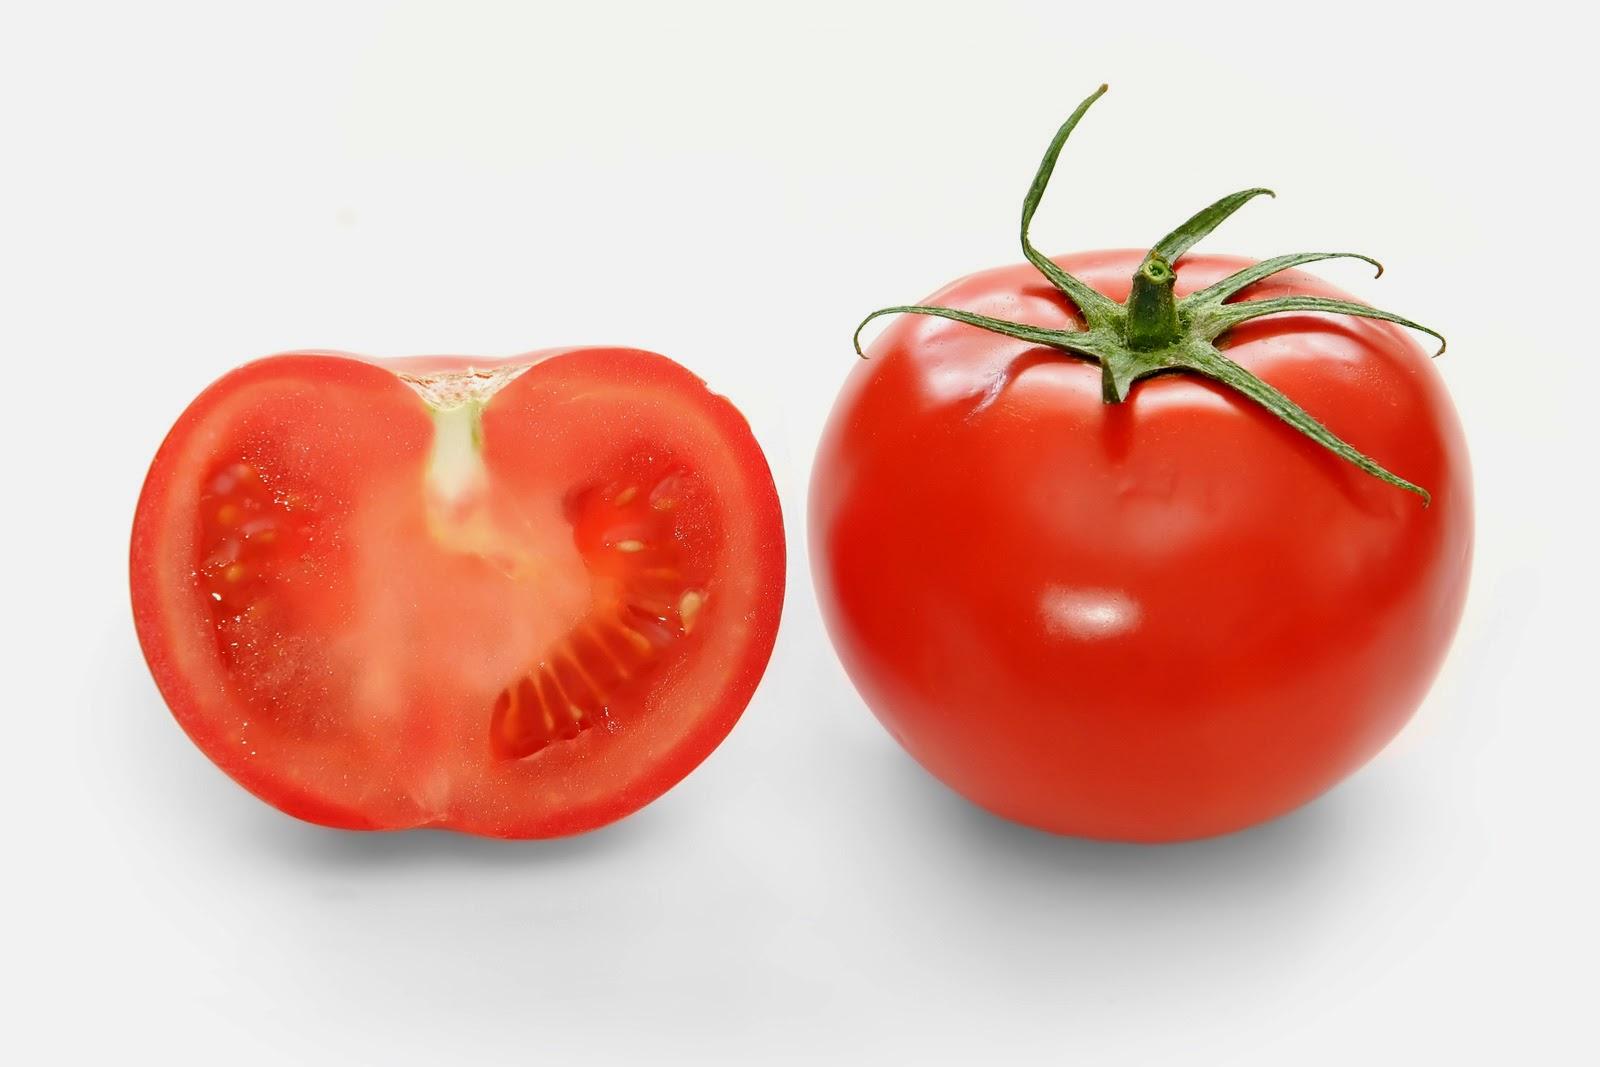 Lycopene, salah satu bahan yang sering ada dalam kebanyakan produk perawatan kulit ternyata terdapat dalam buah tomato! Ia berfungsi menghalang radikal bebas sekaligus melindungi kulit daripada pancaran sinar matahari.